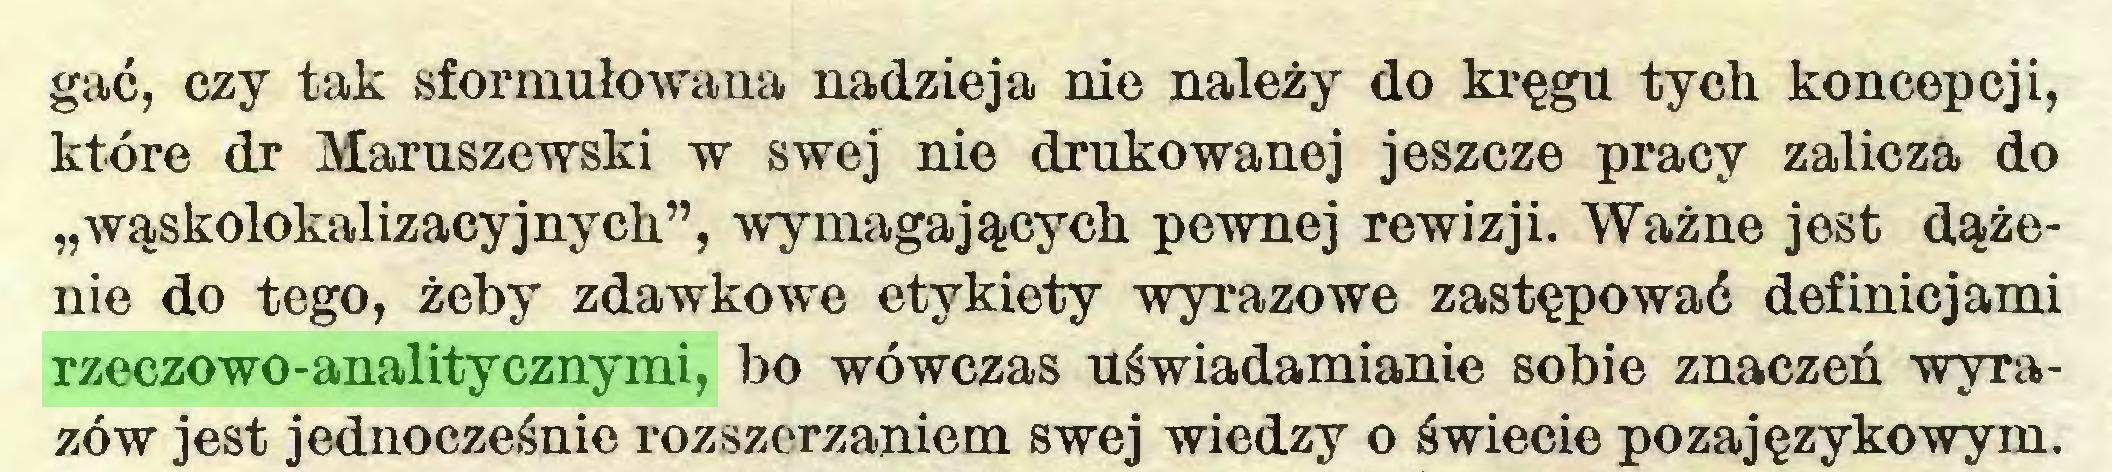 """(...) gać, czy tak sformułowana nadzieja nie należy do kręgu tych koncepcji, które dr Maruszewski w swej nie drukowanej jeszcze pracy zalicza do """"wąskolokalizacyjnych"""", wymagających pewnej rewizji. Ważne jest dążenie do tego, żeby zdawkowe etykiety wyrazowe zastępować definicjami rzeczowo-analitycznymi, bo wówczas uświadamianie sobie znaczeń wyrazów jest jednocześnie rozszerzaniem swej wiedzy o świecie pozajęzykowym..."""